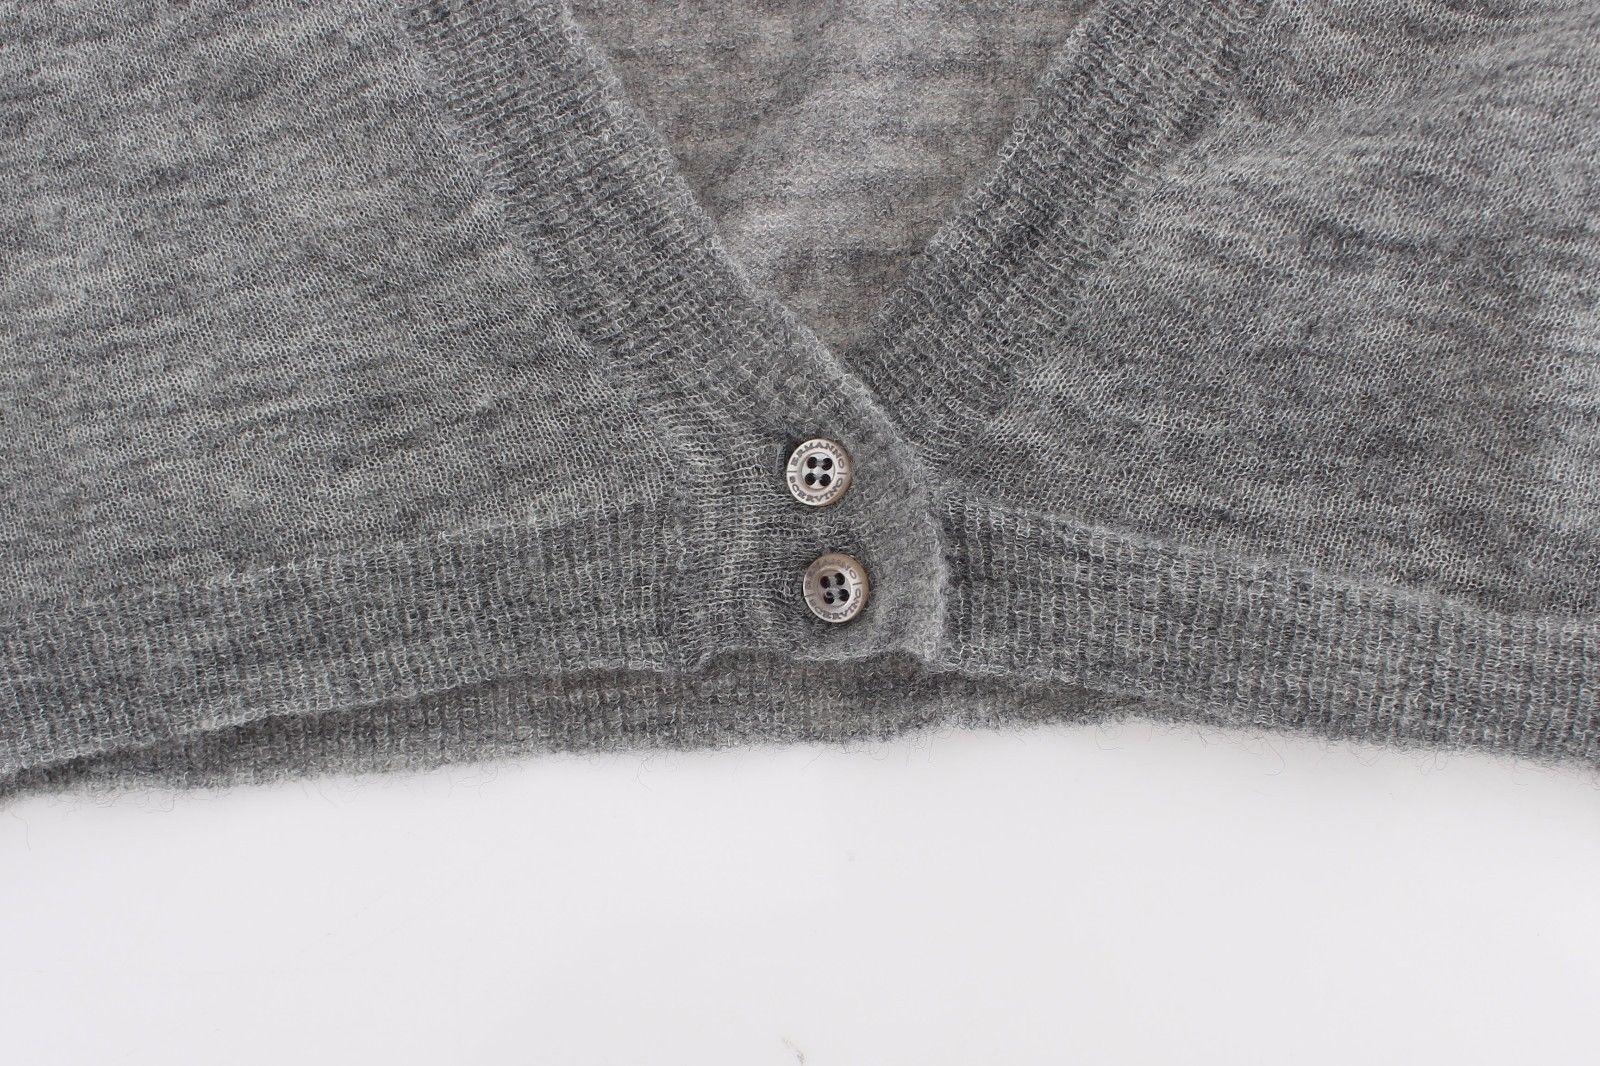 Ermanno Scervino Lingerie Knit Gray Bolero Sweater Cardigan